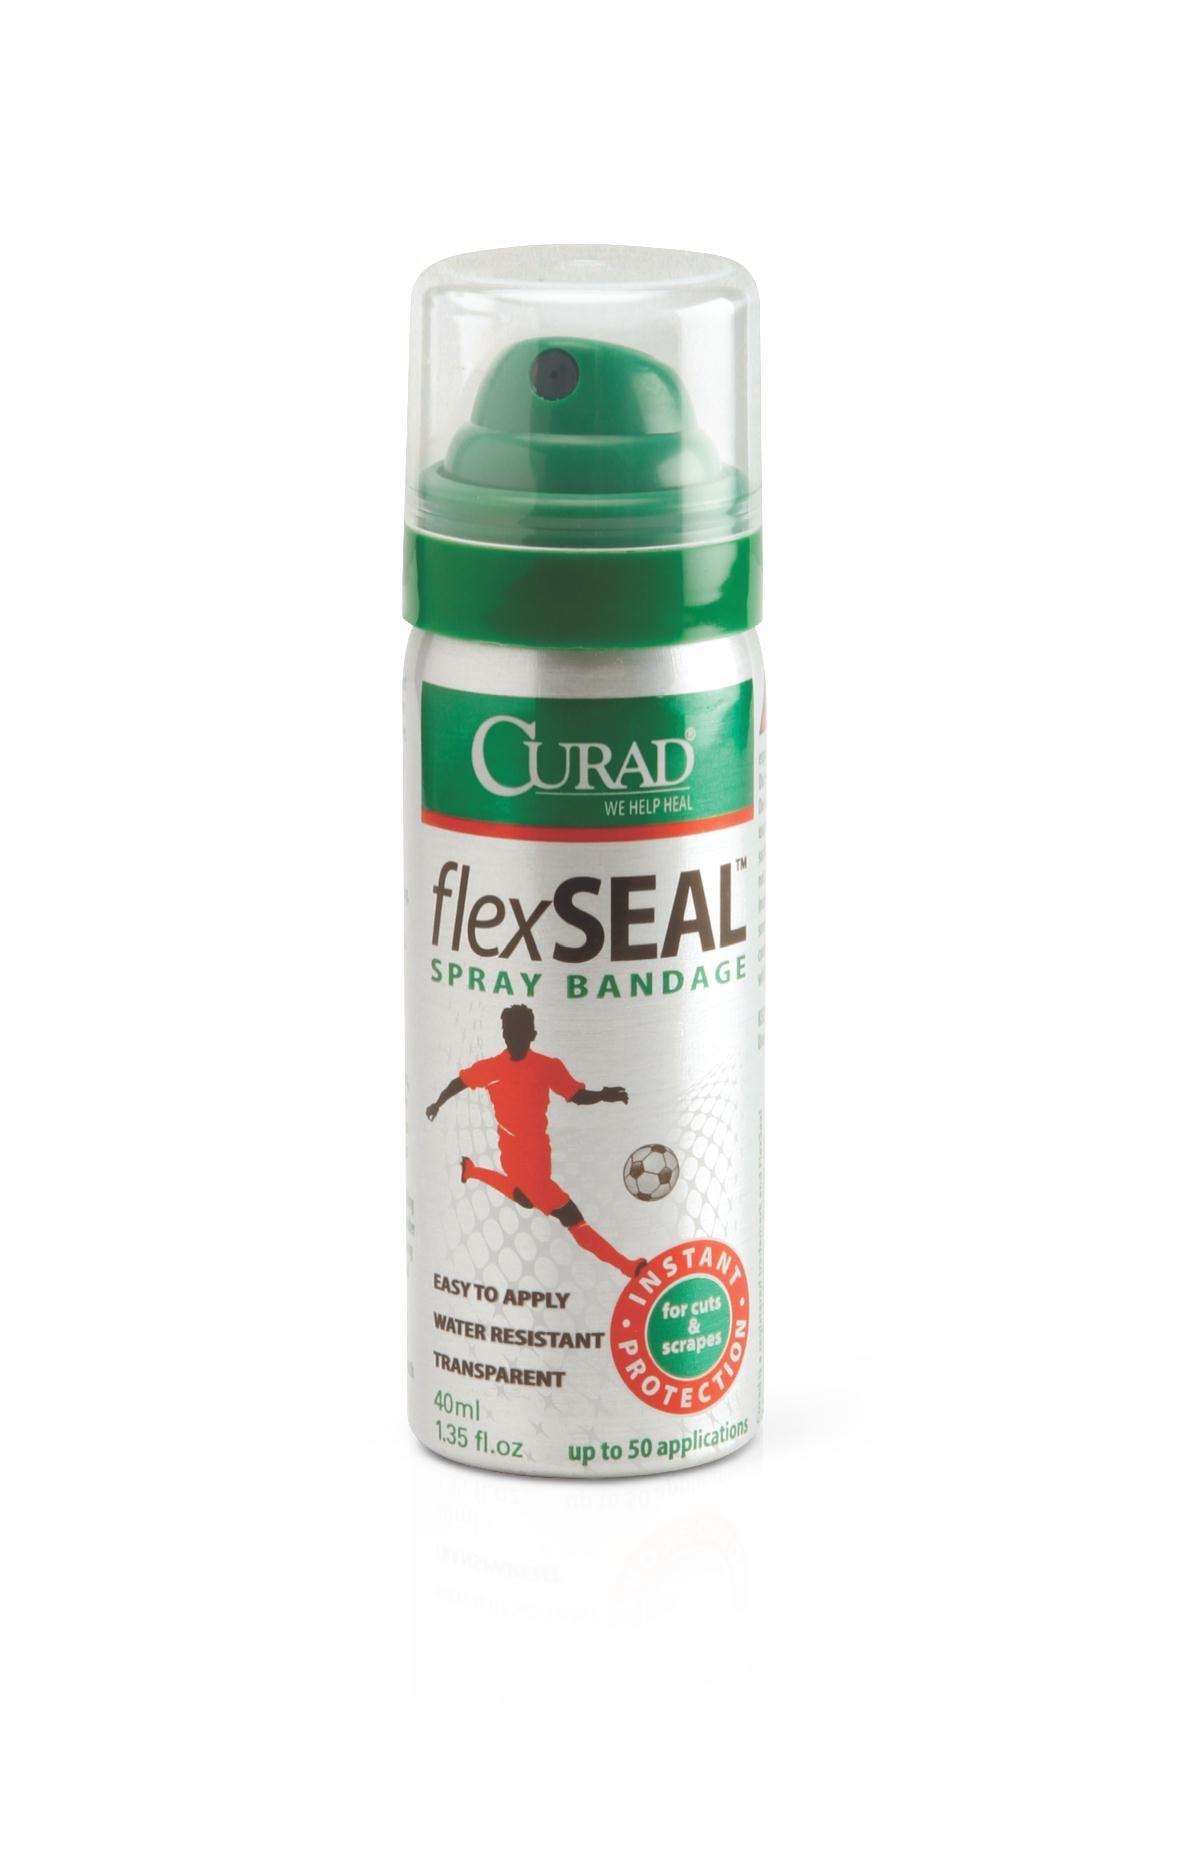 Medline CUR76124 Curad Flex Seal Bandage, 40 (Case of 24) by Medline